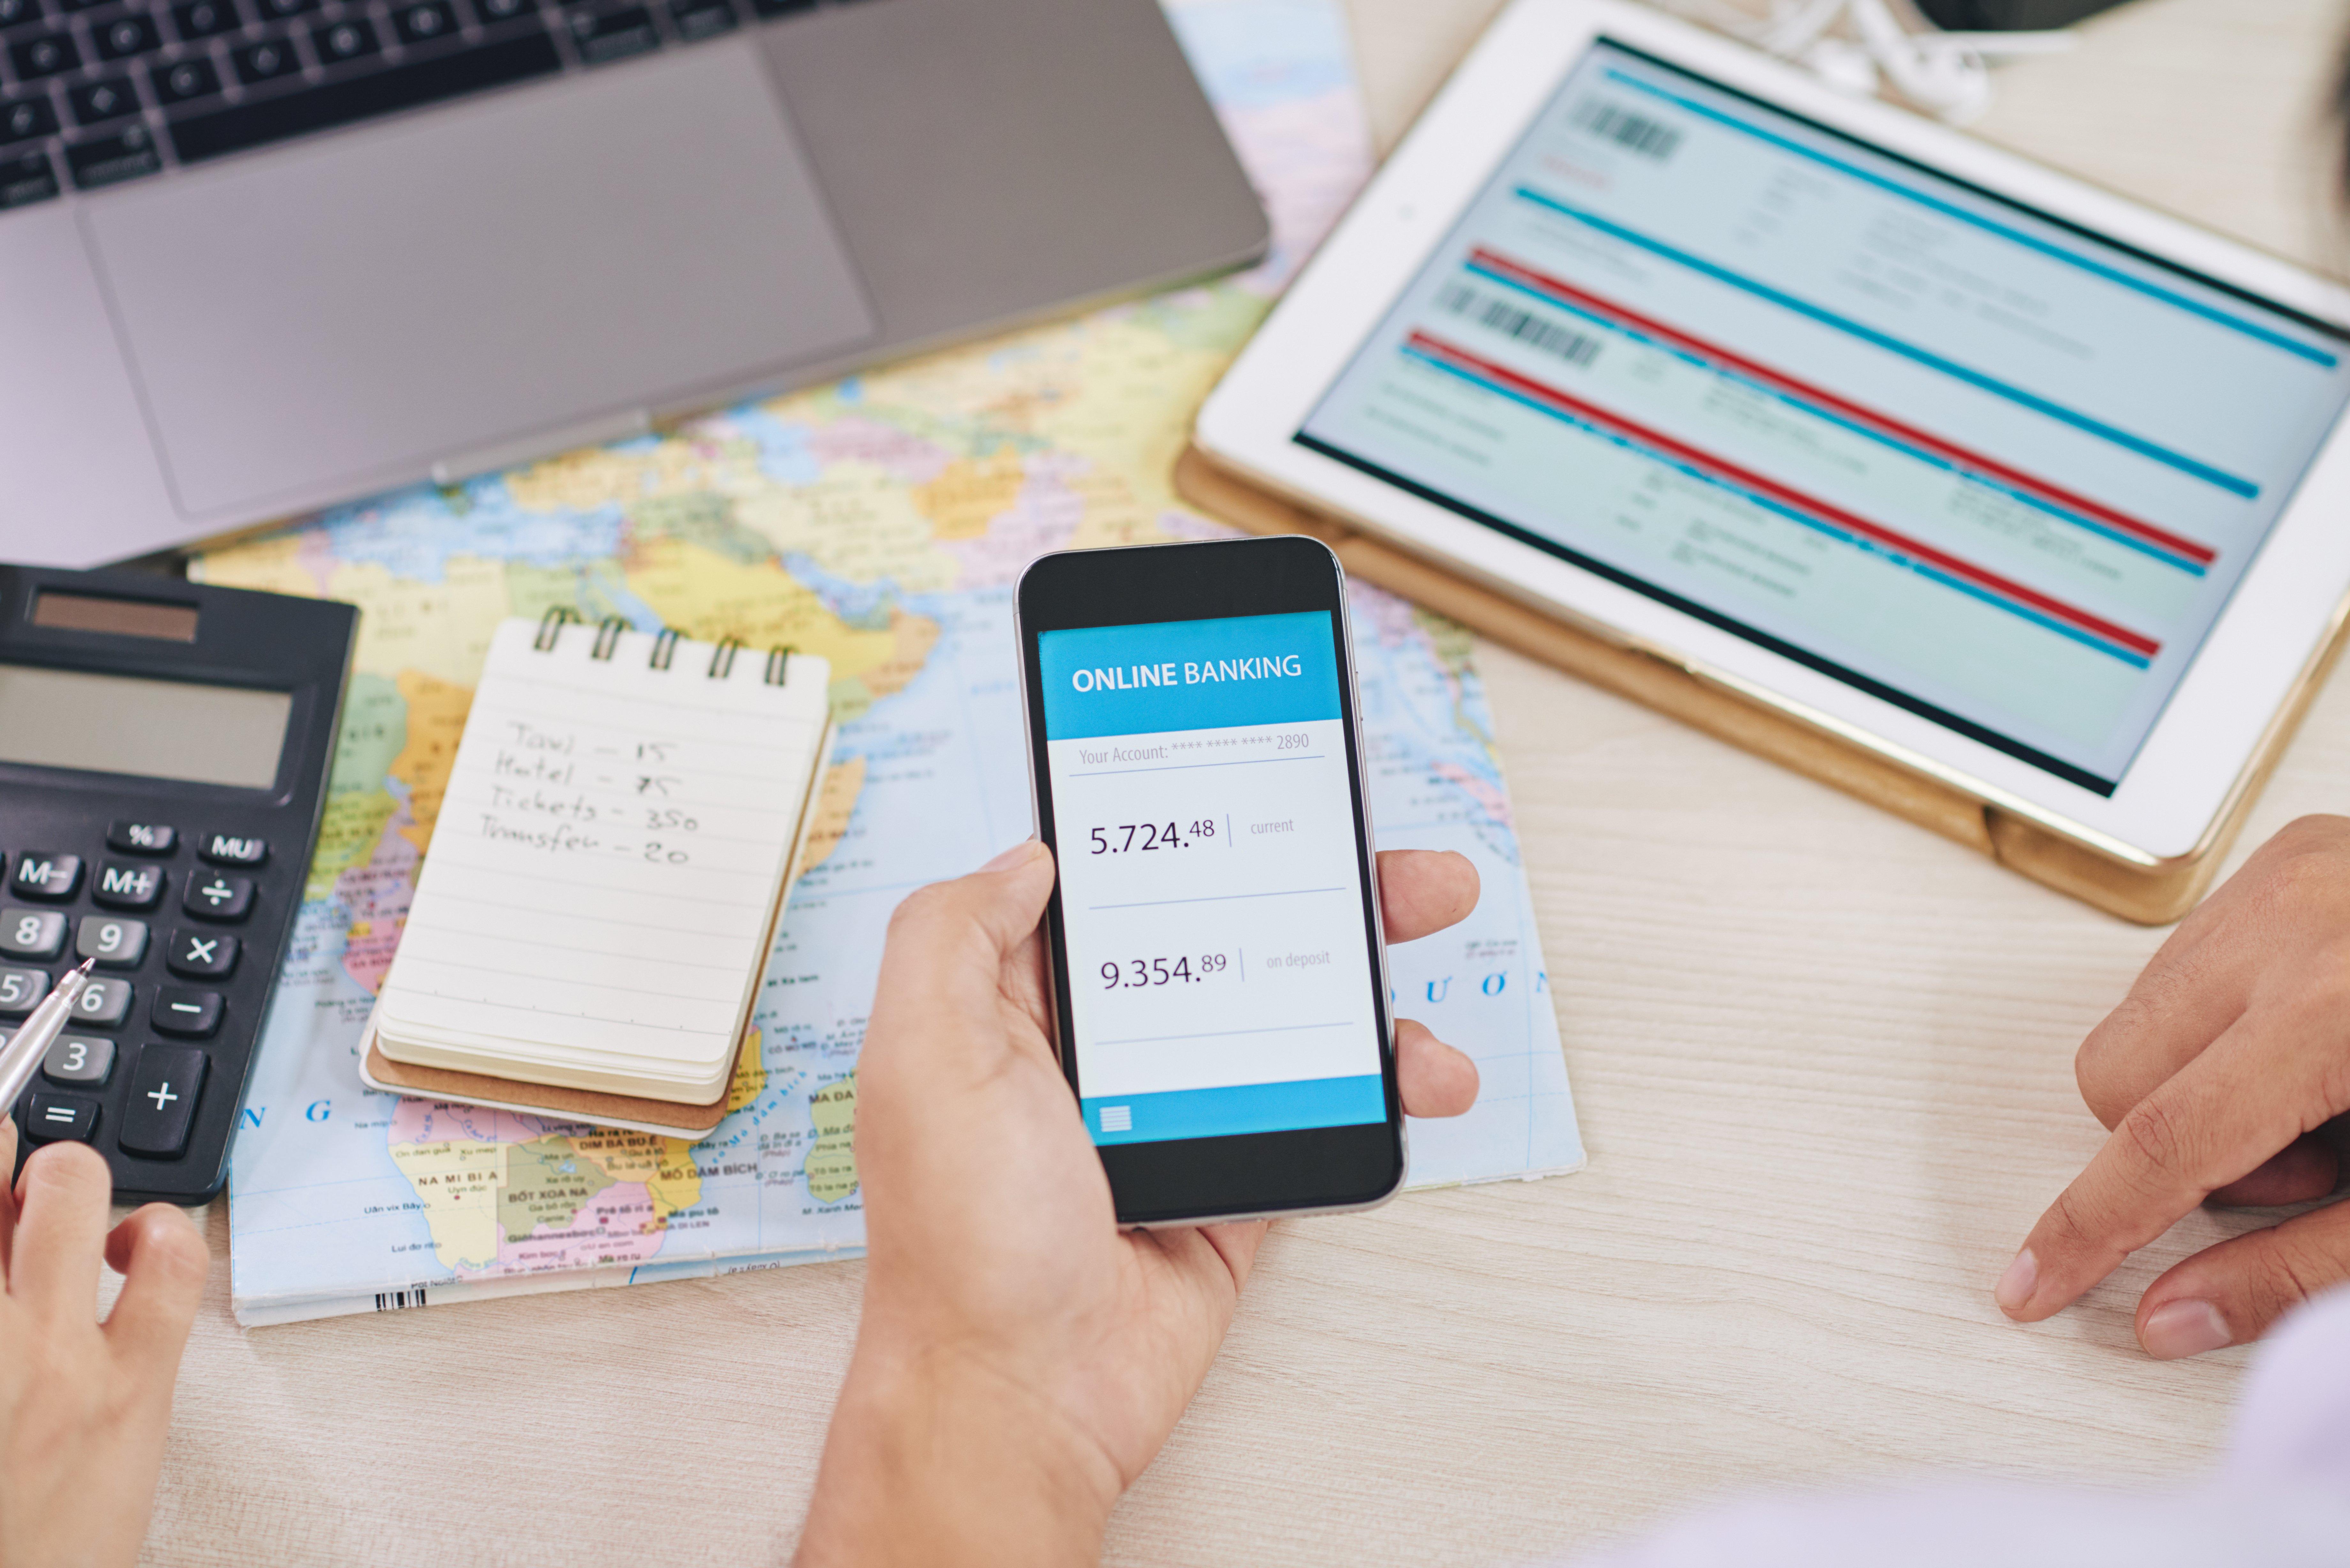 crop-people-using-gadget-with-online-bank-app-UEFB5TU